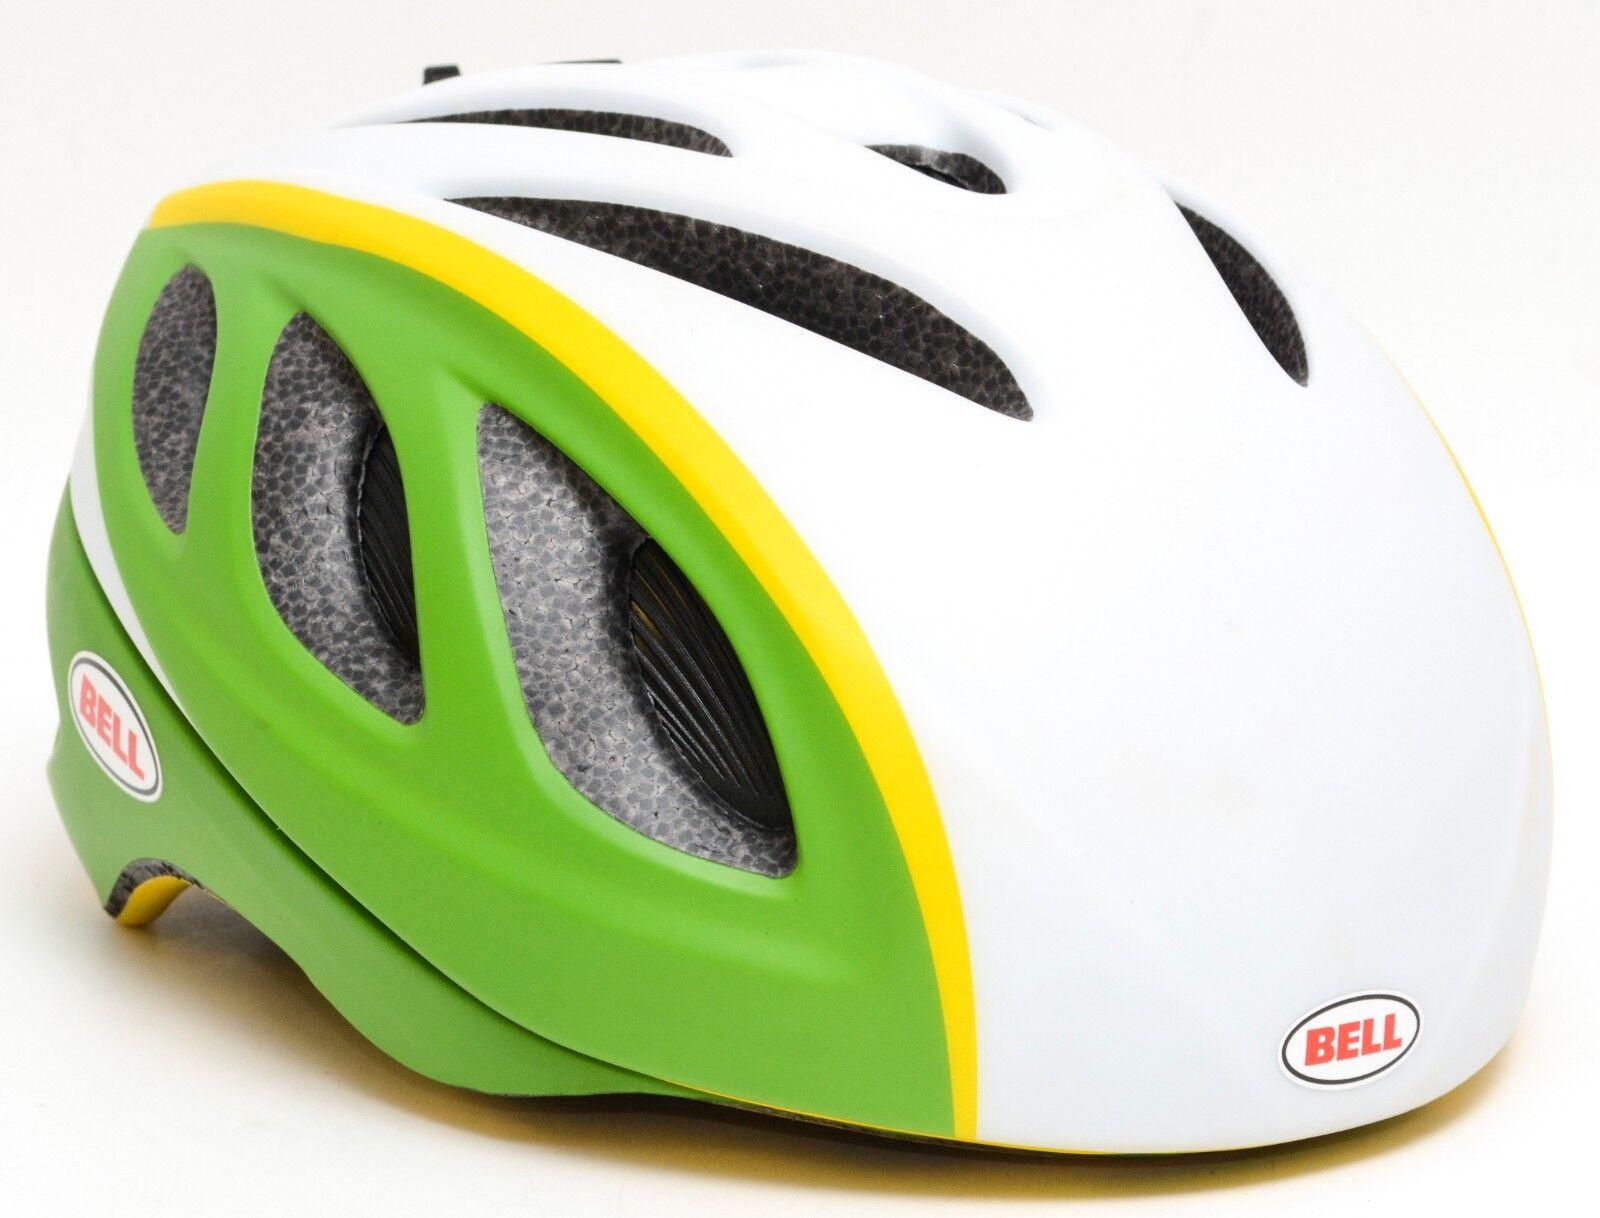 Bell Star Pro Road Bike Helmet Men SMALL 51-55cm White Green